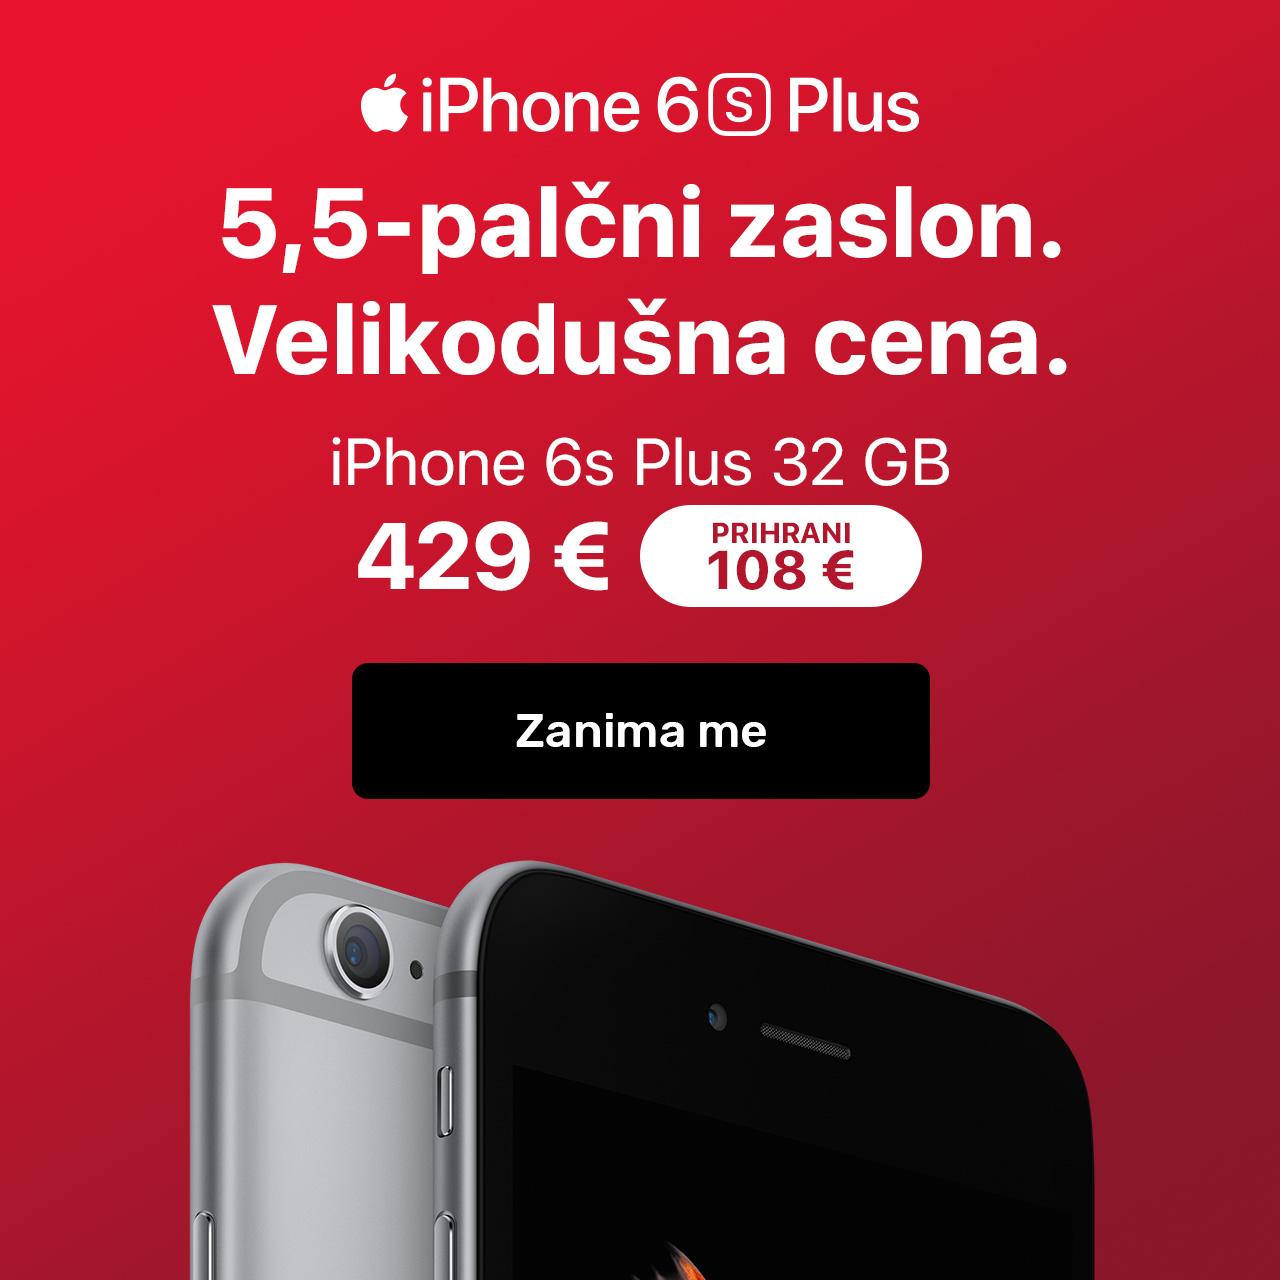 SI - iPhone 6s Plus